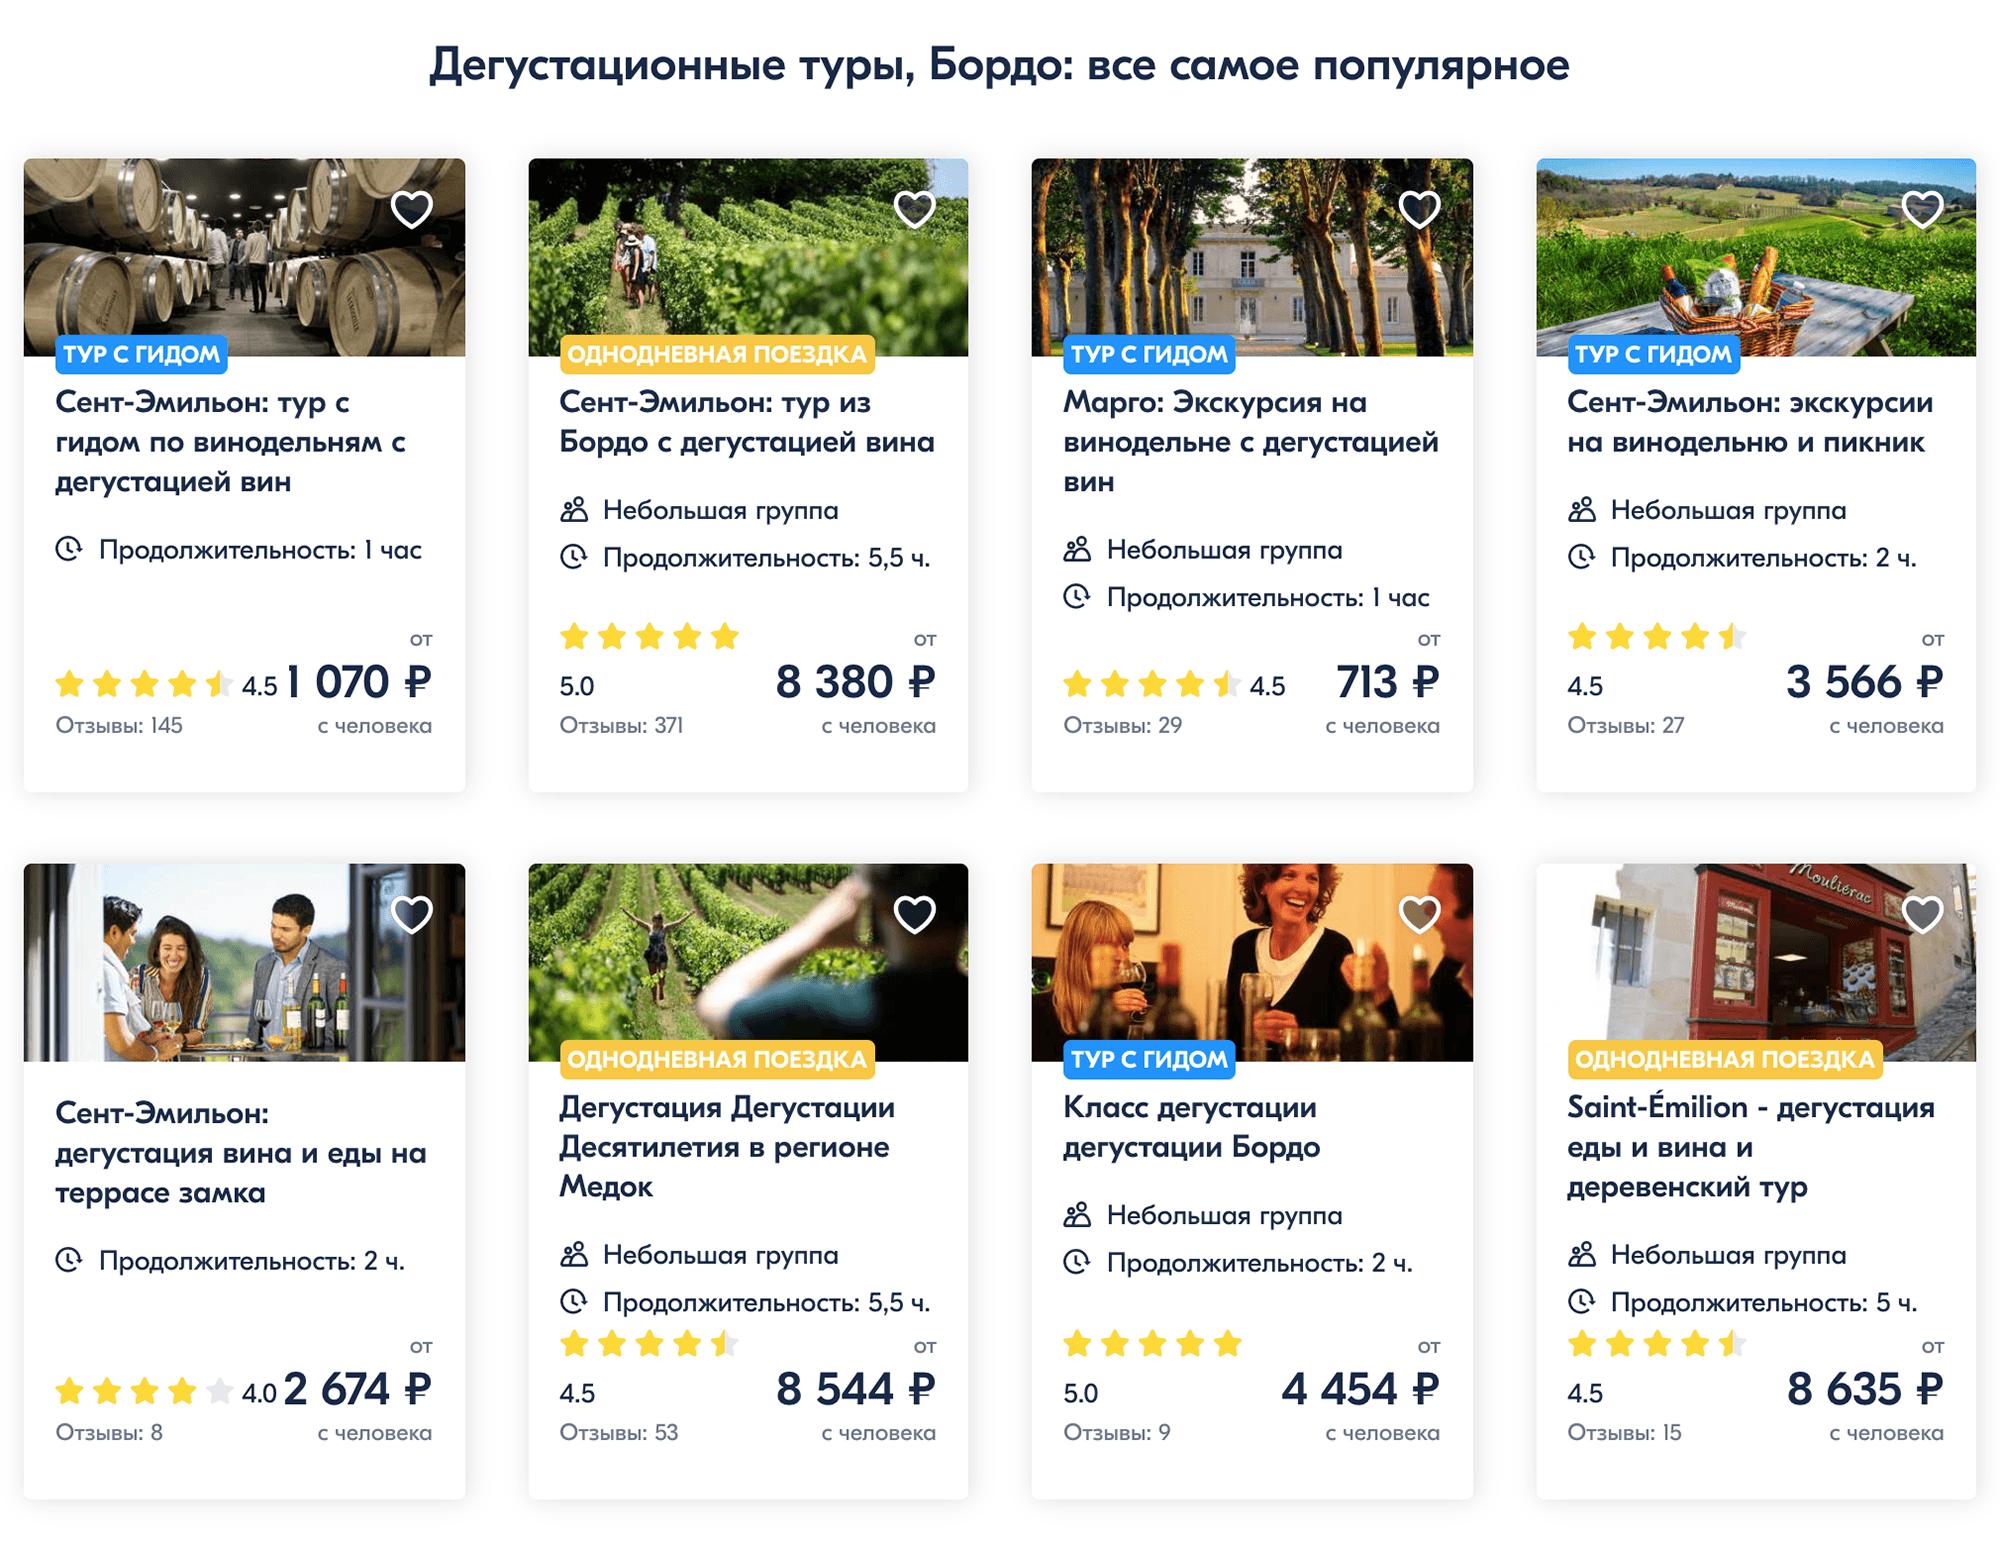 Стоимость экскурсий на винодельни в Бордо доходит до 8600<span class=ruble>Р</span> с человека